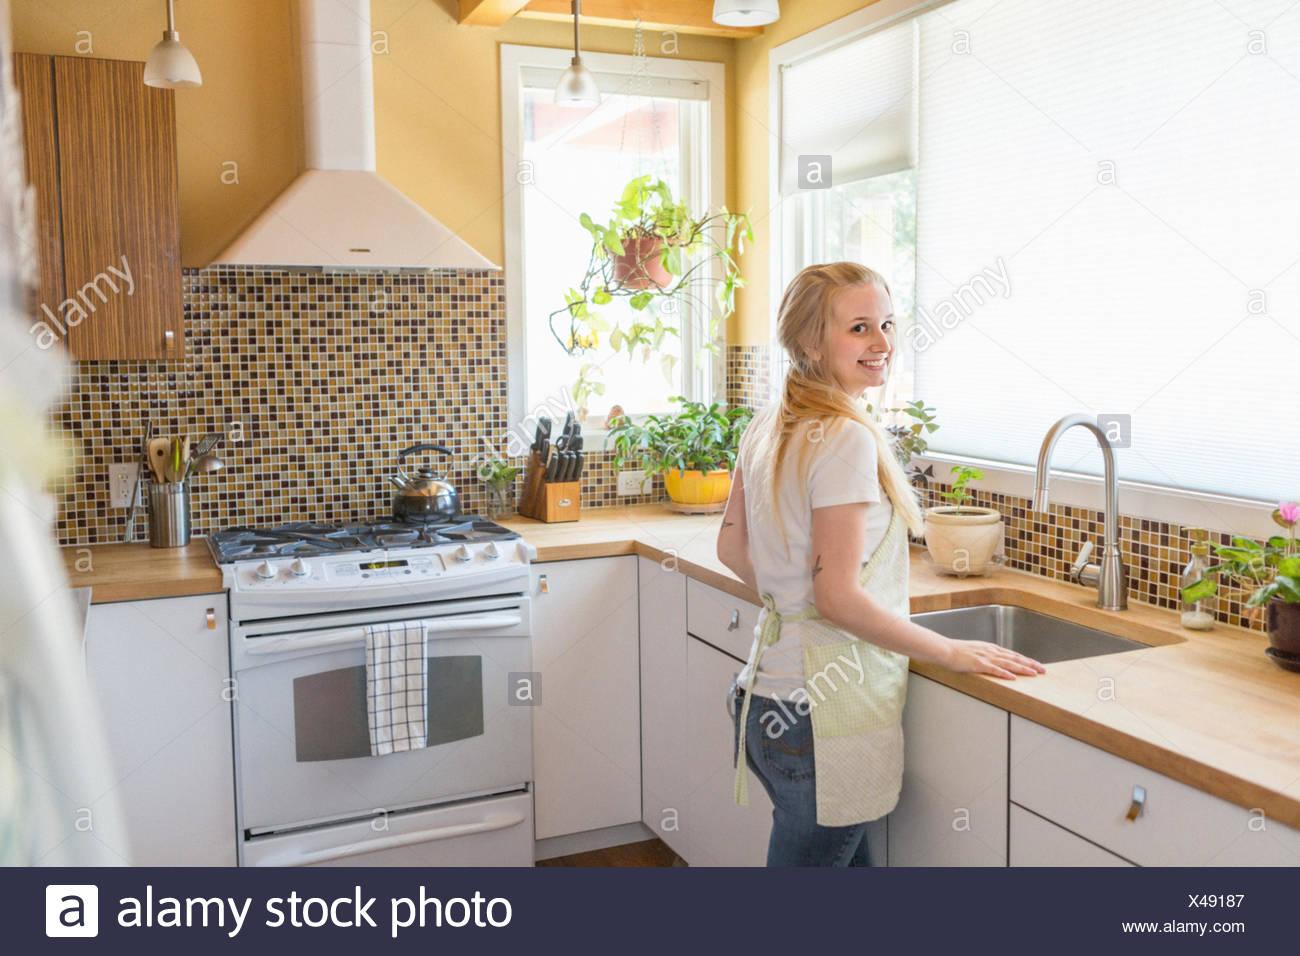 Giovane donna cucina pulizia con verde di prodotti per la ...